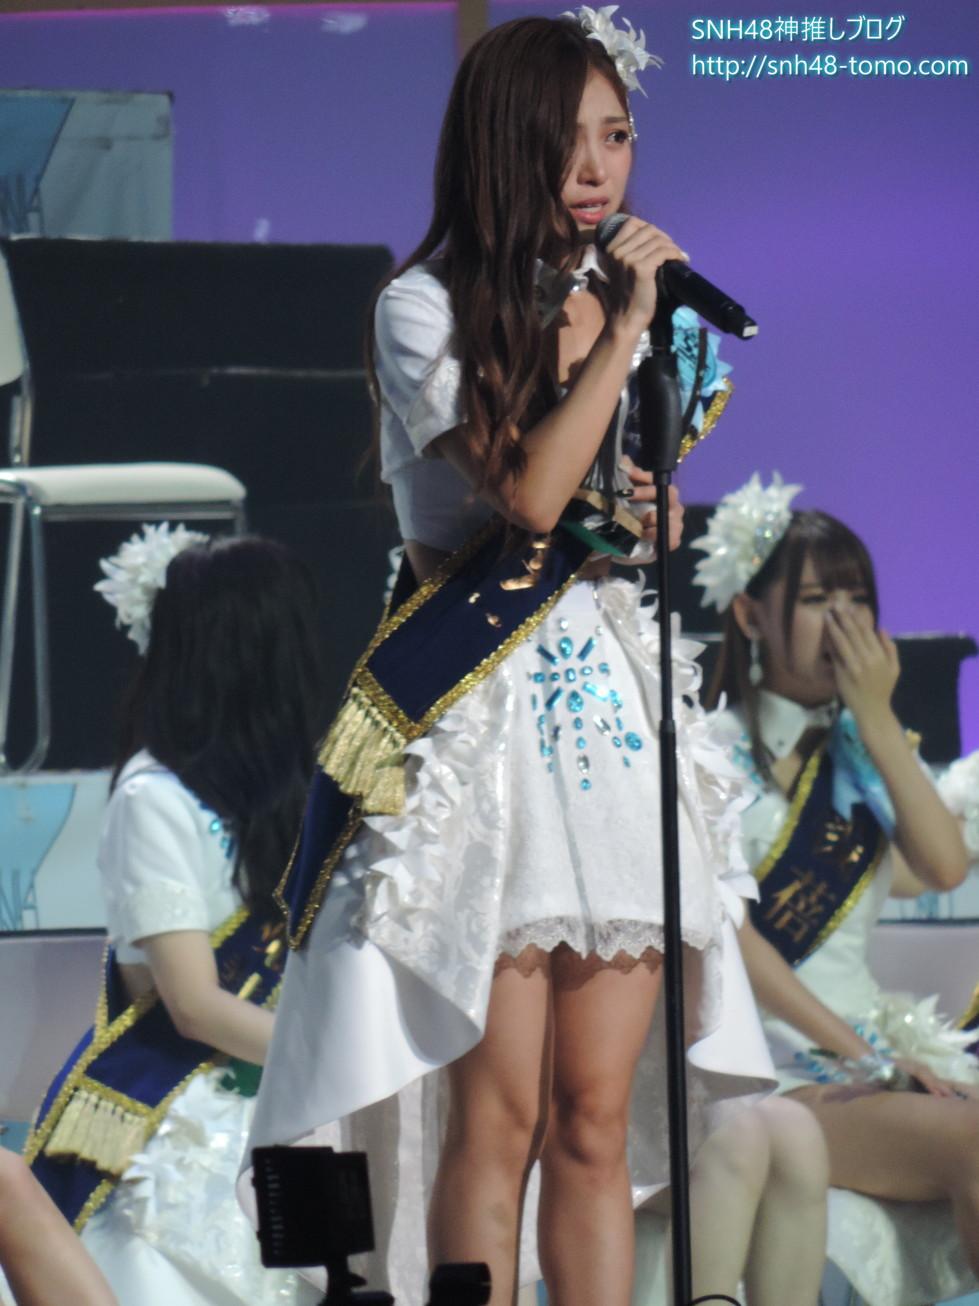 SNH48選抜総選挙開票イベントレポート『選抜メンバー発表(16位~8位)』